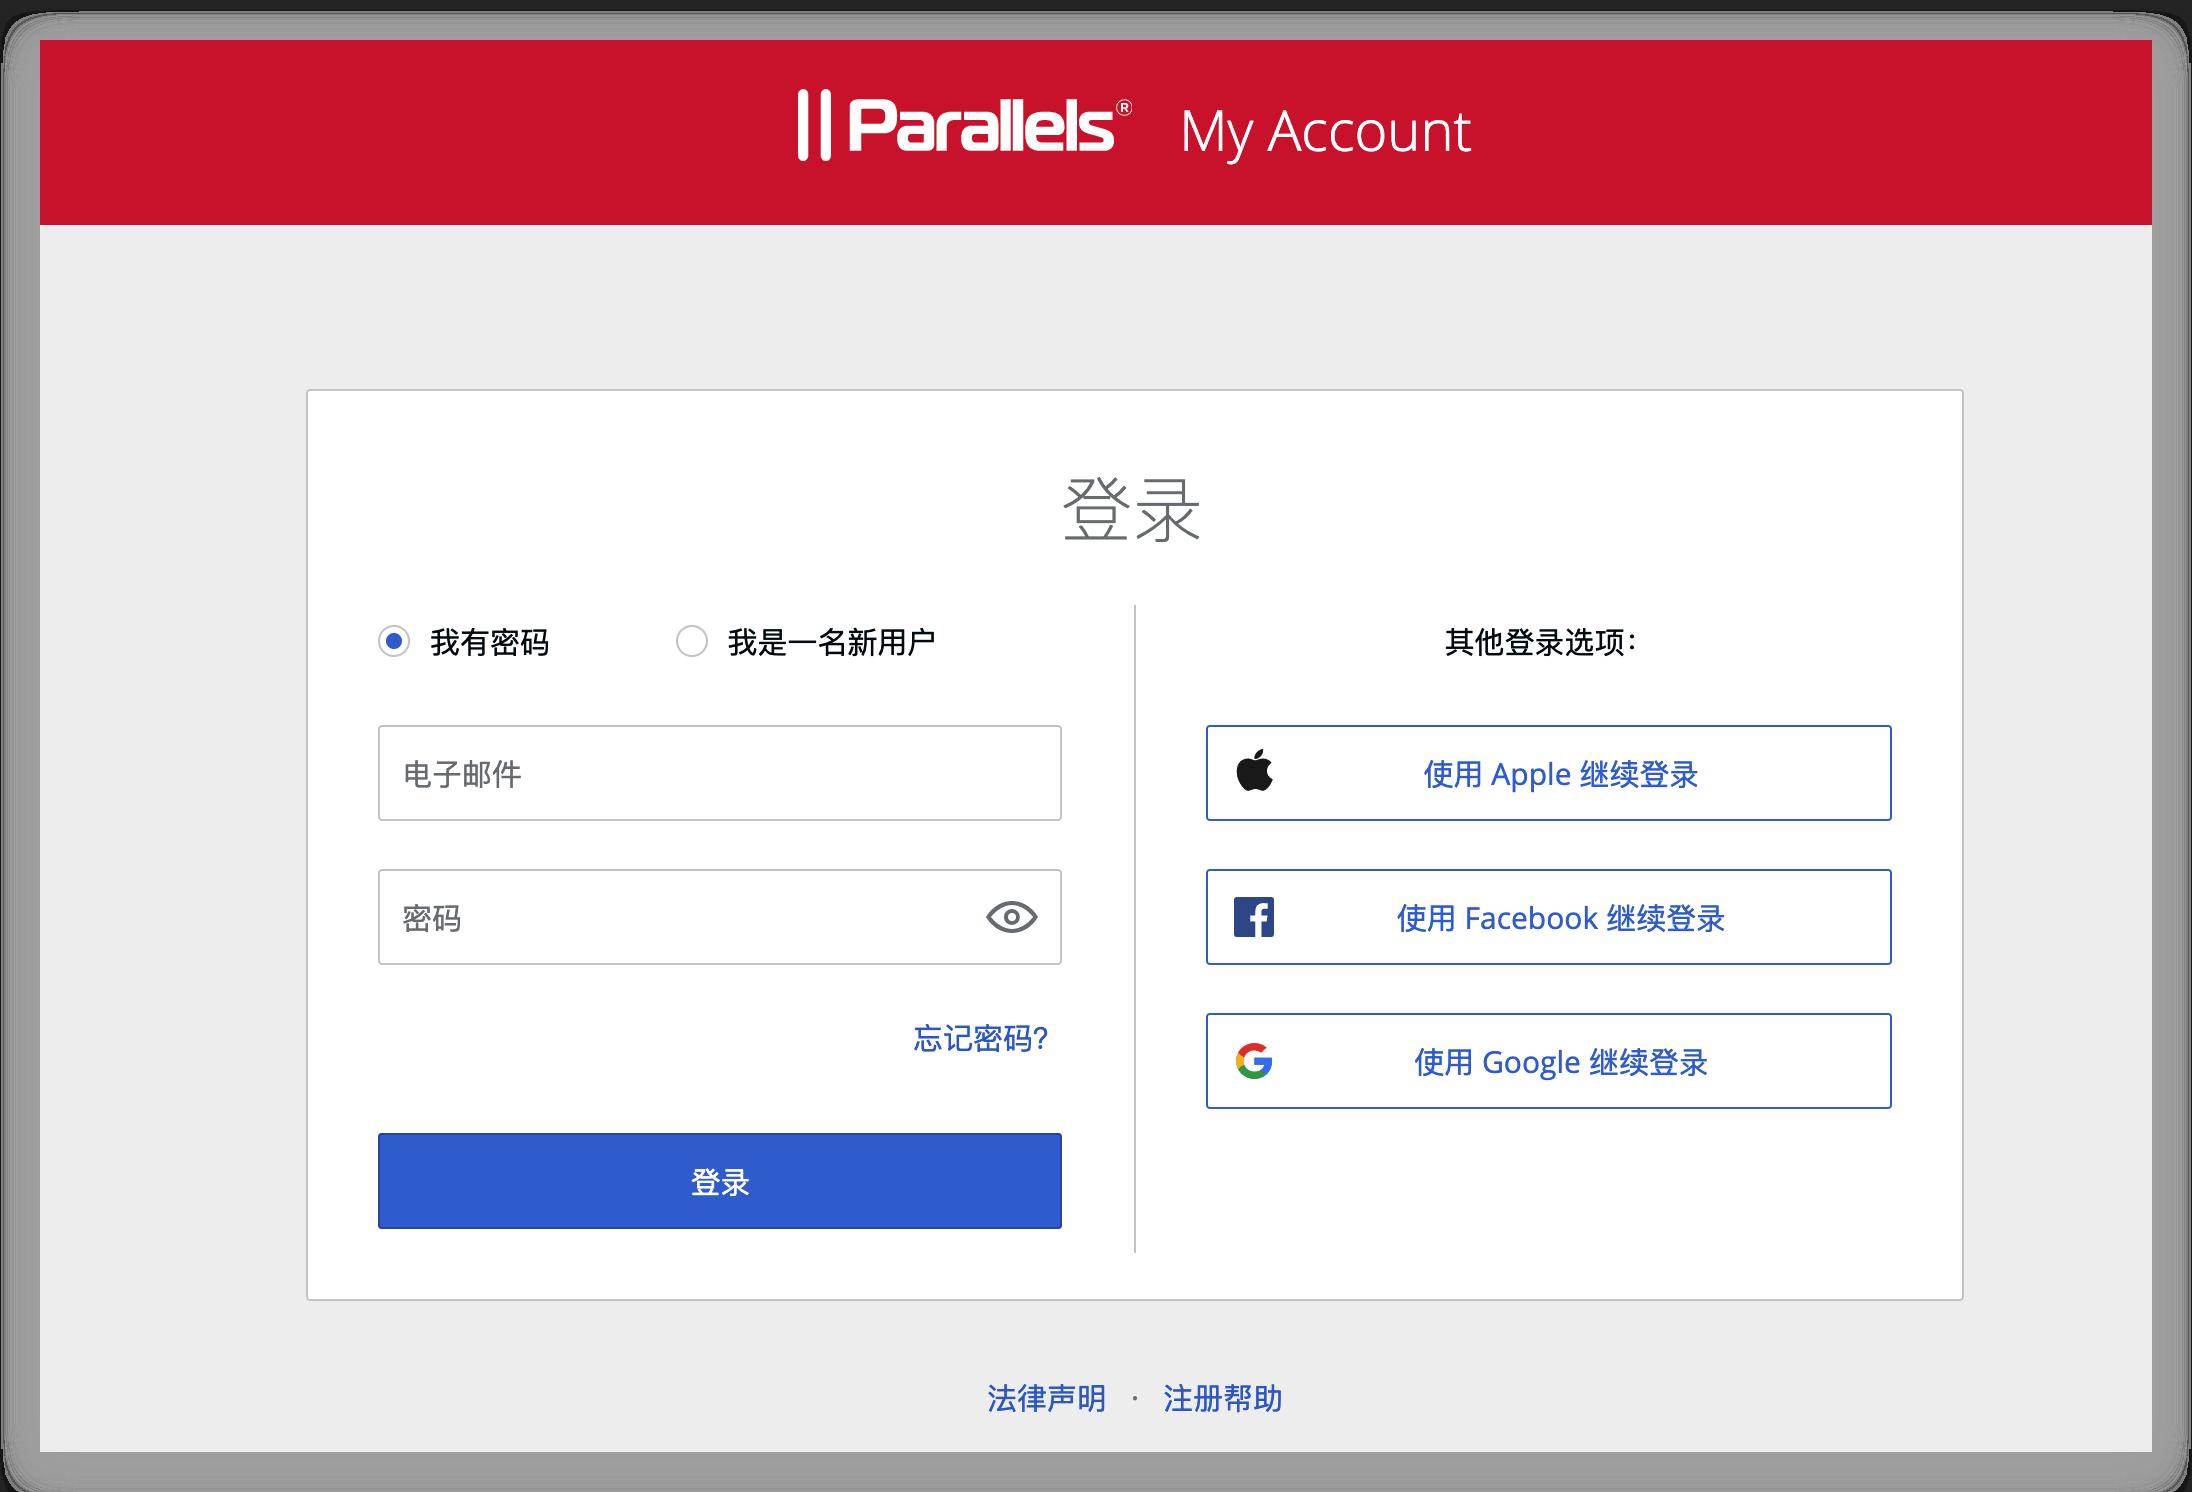 ParallelsDesktop 16.3.1(50393)  技术预览版(仅支持M1)   虚拟机软件 Mac教程 第2张